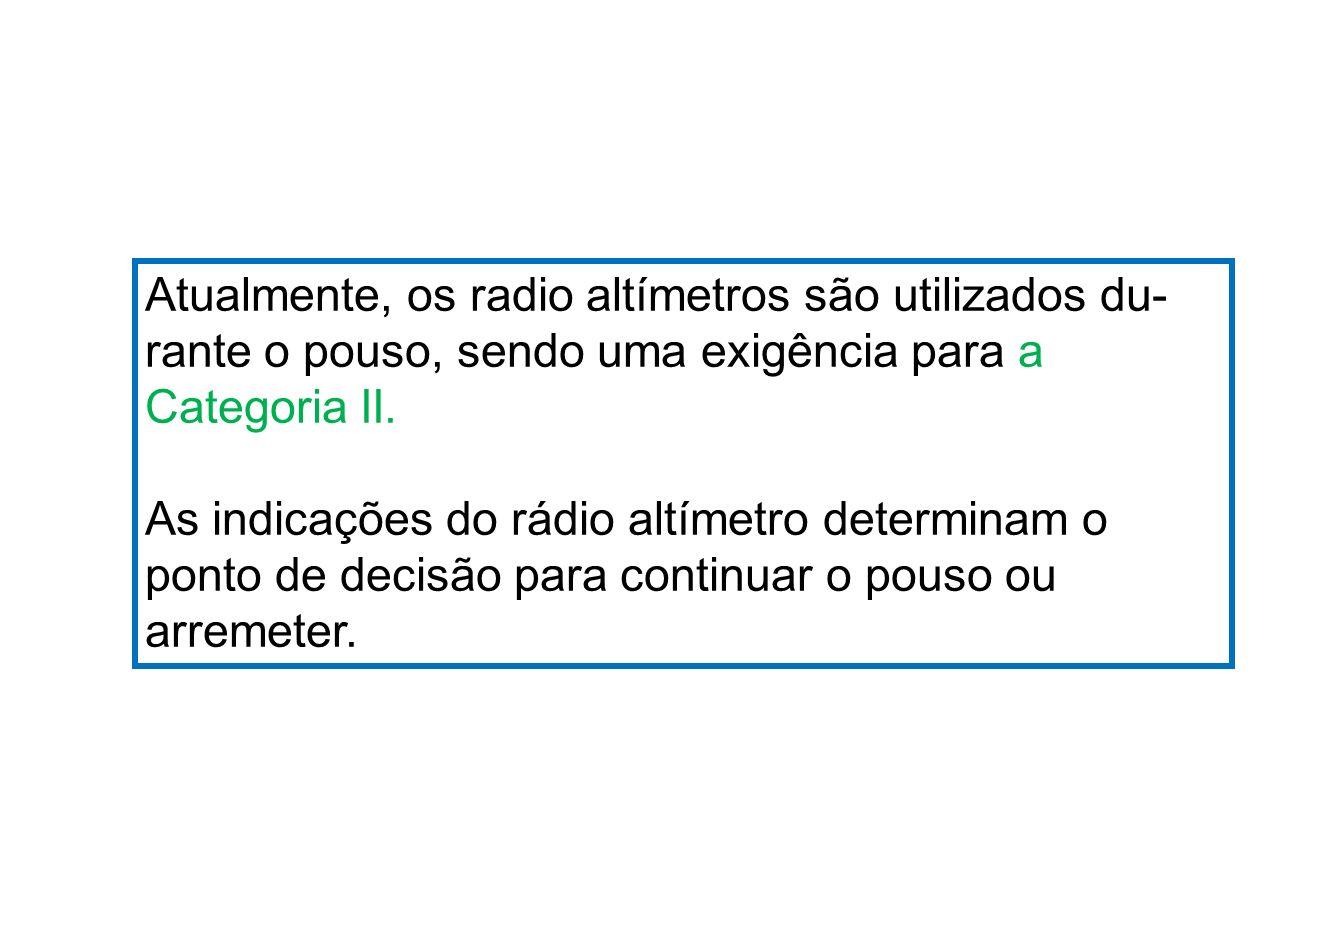 TRANSCEPTOR DE RADIO ALTÍMETRO INDICADOR DE ALTITUDE ANTENA DO RECEPTOR ANTENA DO TRANSMISSOR FONTE DE FORÇA DIAGRAMA BLOCO DO RADIO ALTÍMETRO